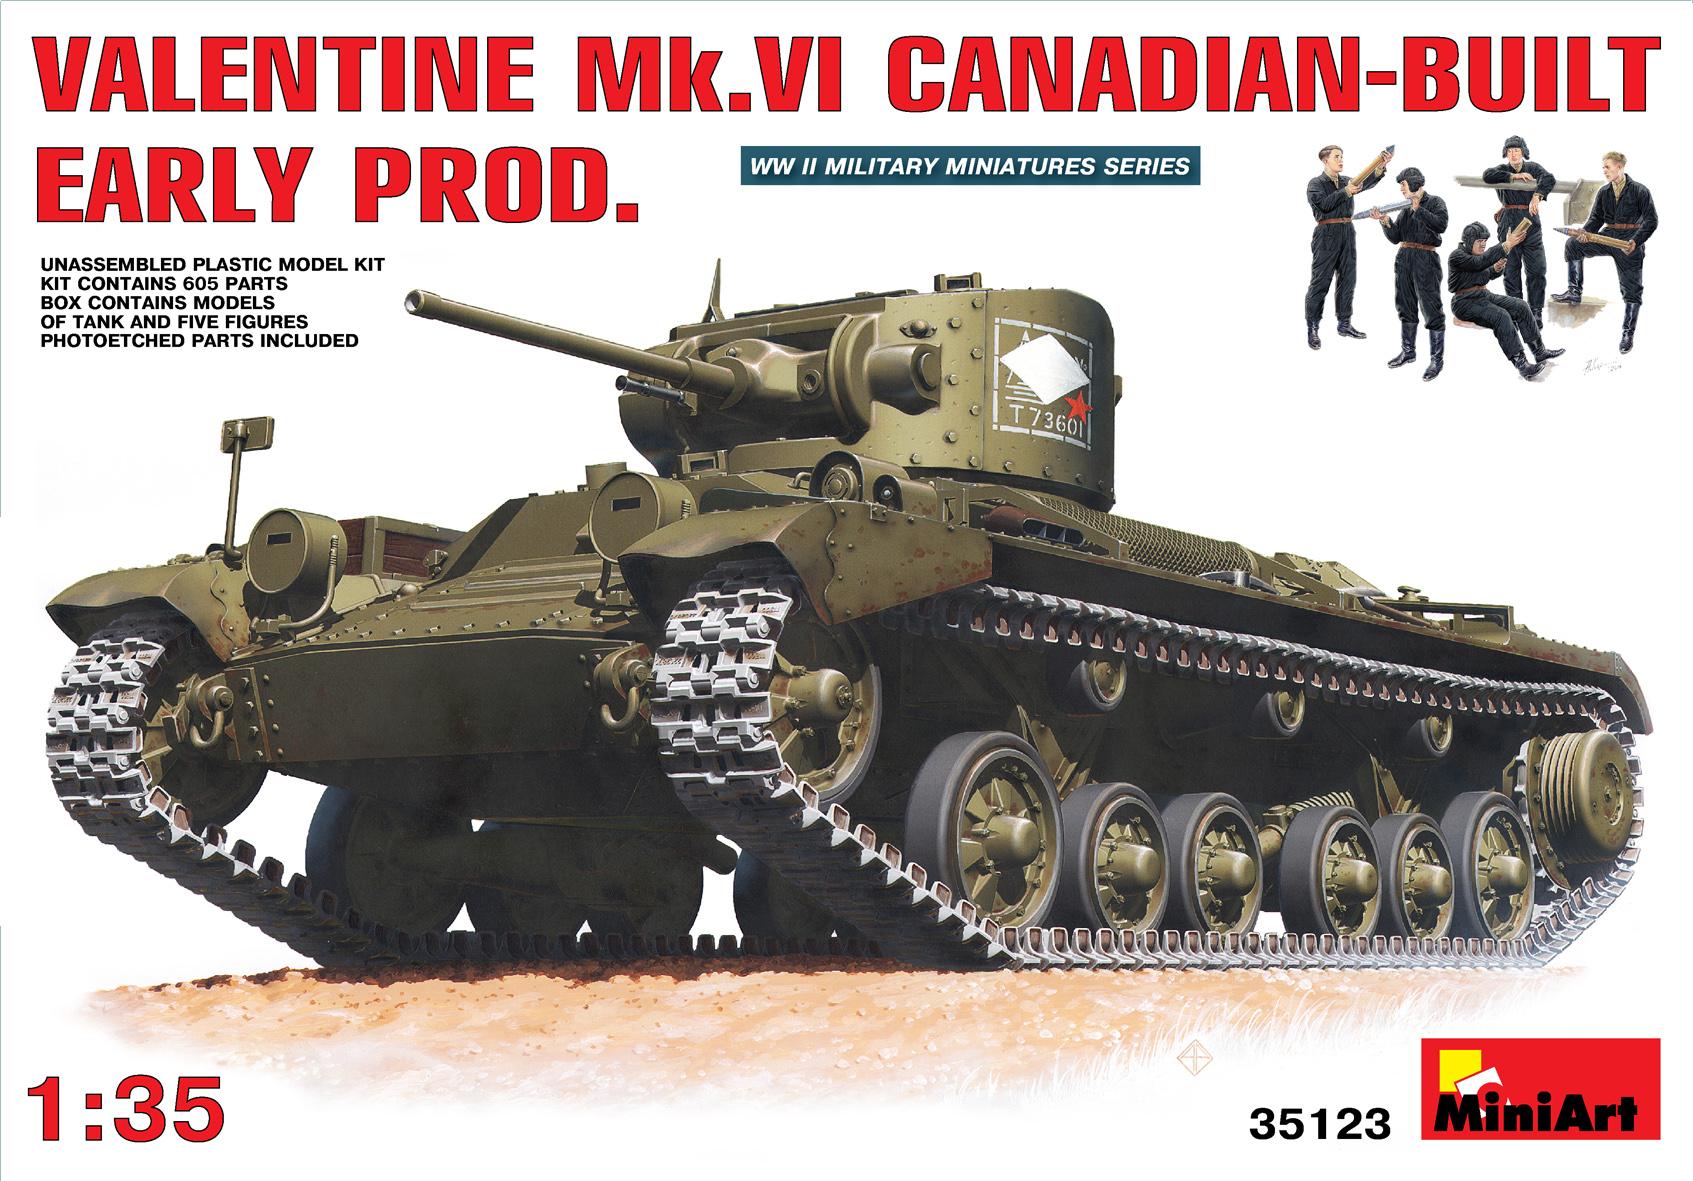 35123バレンタインMK.VI カナダ製初期型フィギュア5体付